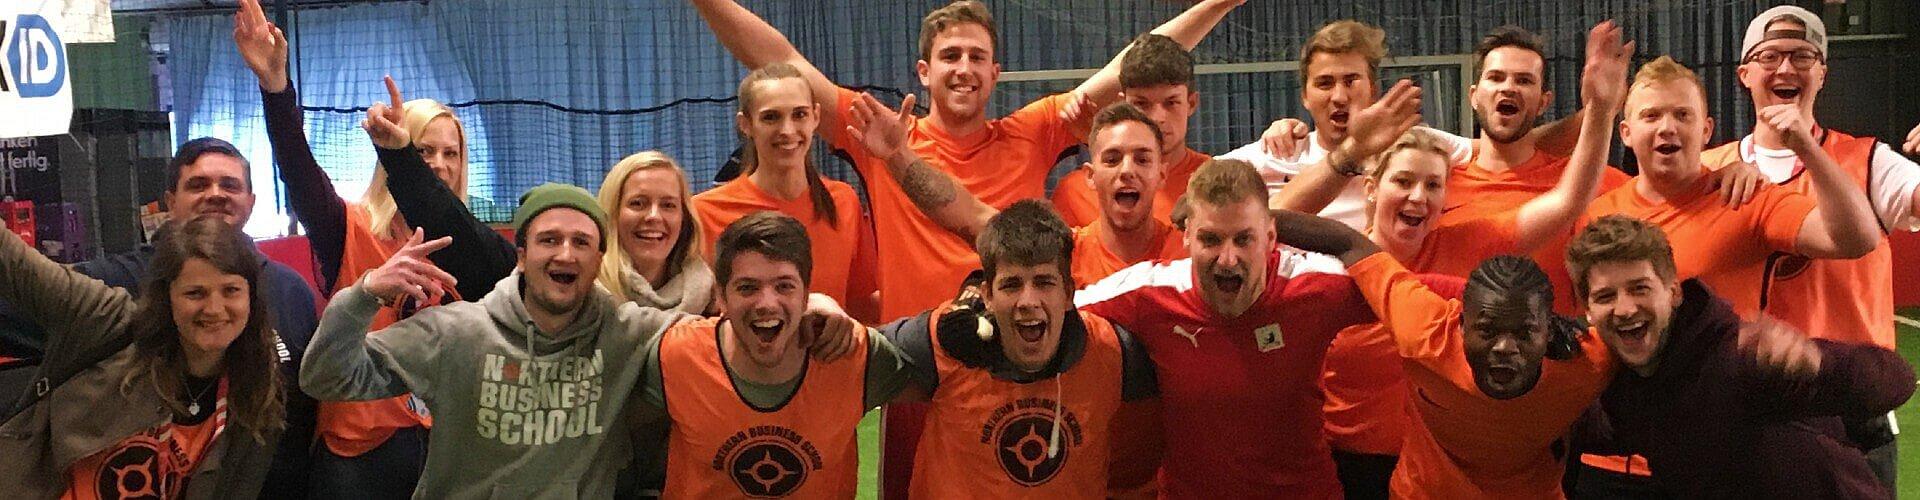 Studentisches Leben: NBS-Fußballteam beim Cup der Privaten